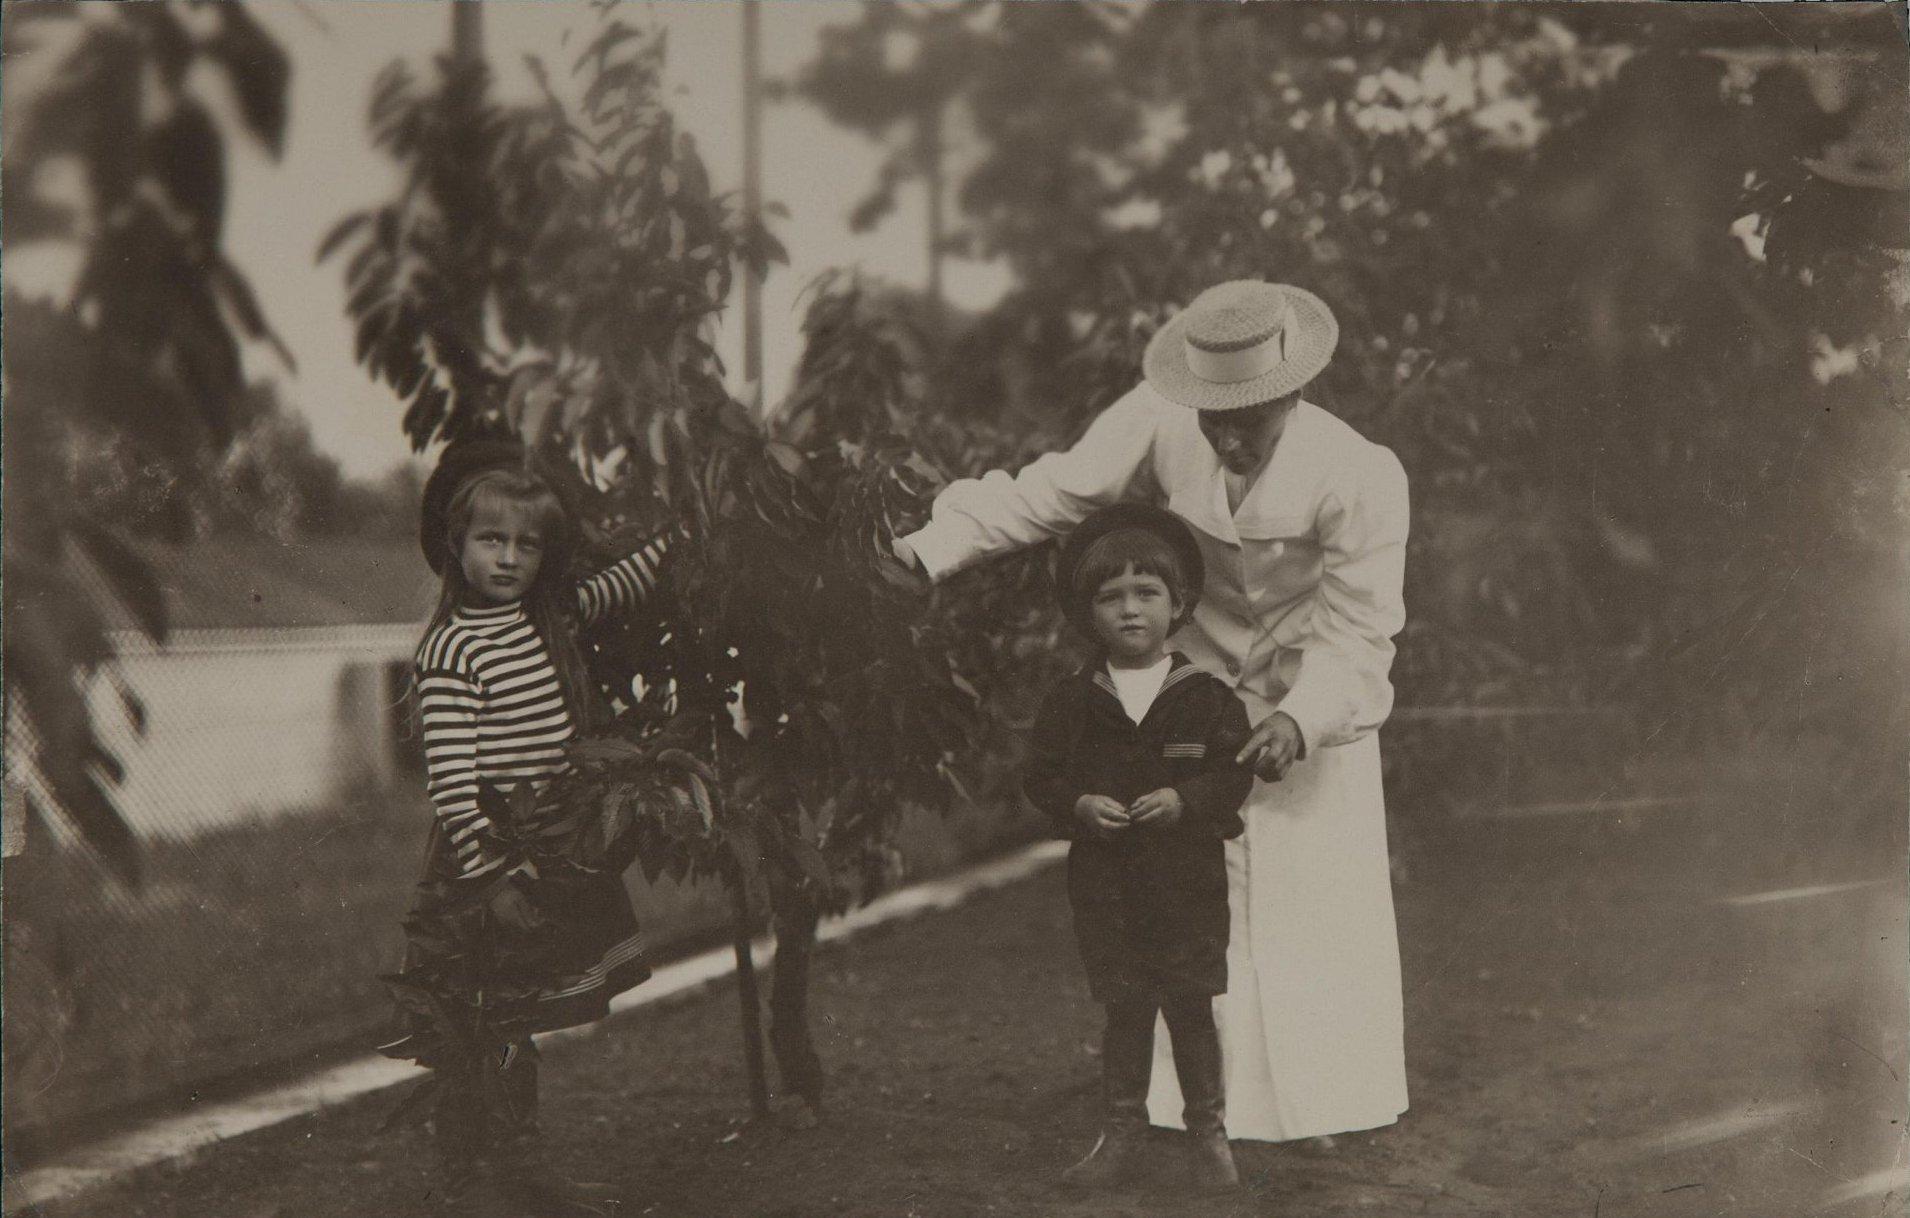 1907. Цесаревич Алексей Николаевич и Анастасия Николаевна с воспитательницей. Крым